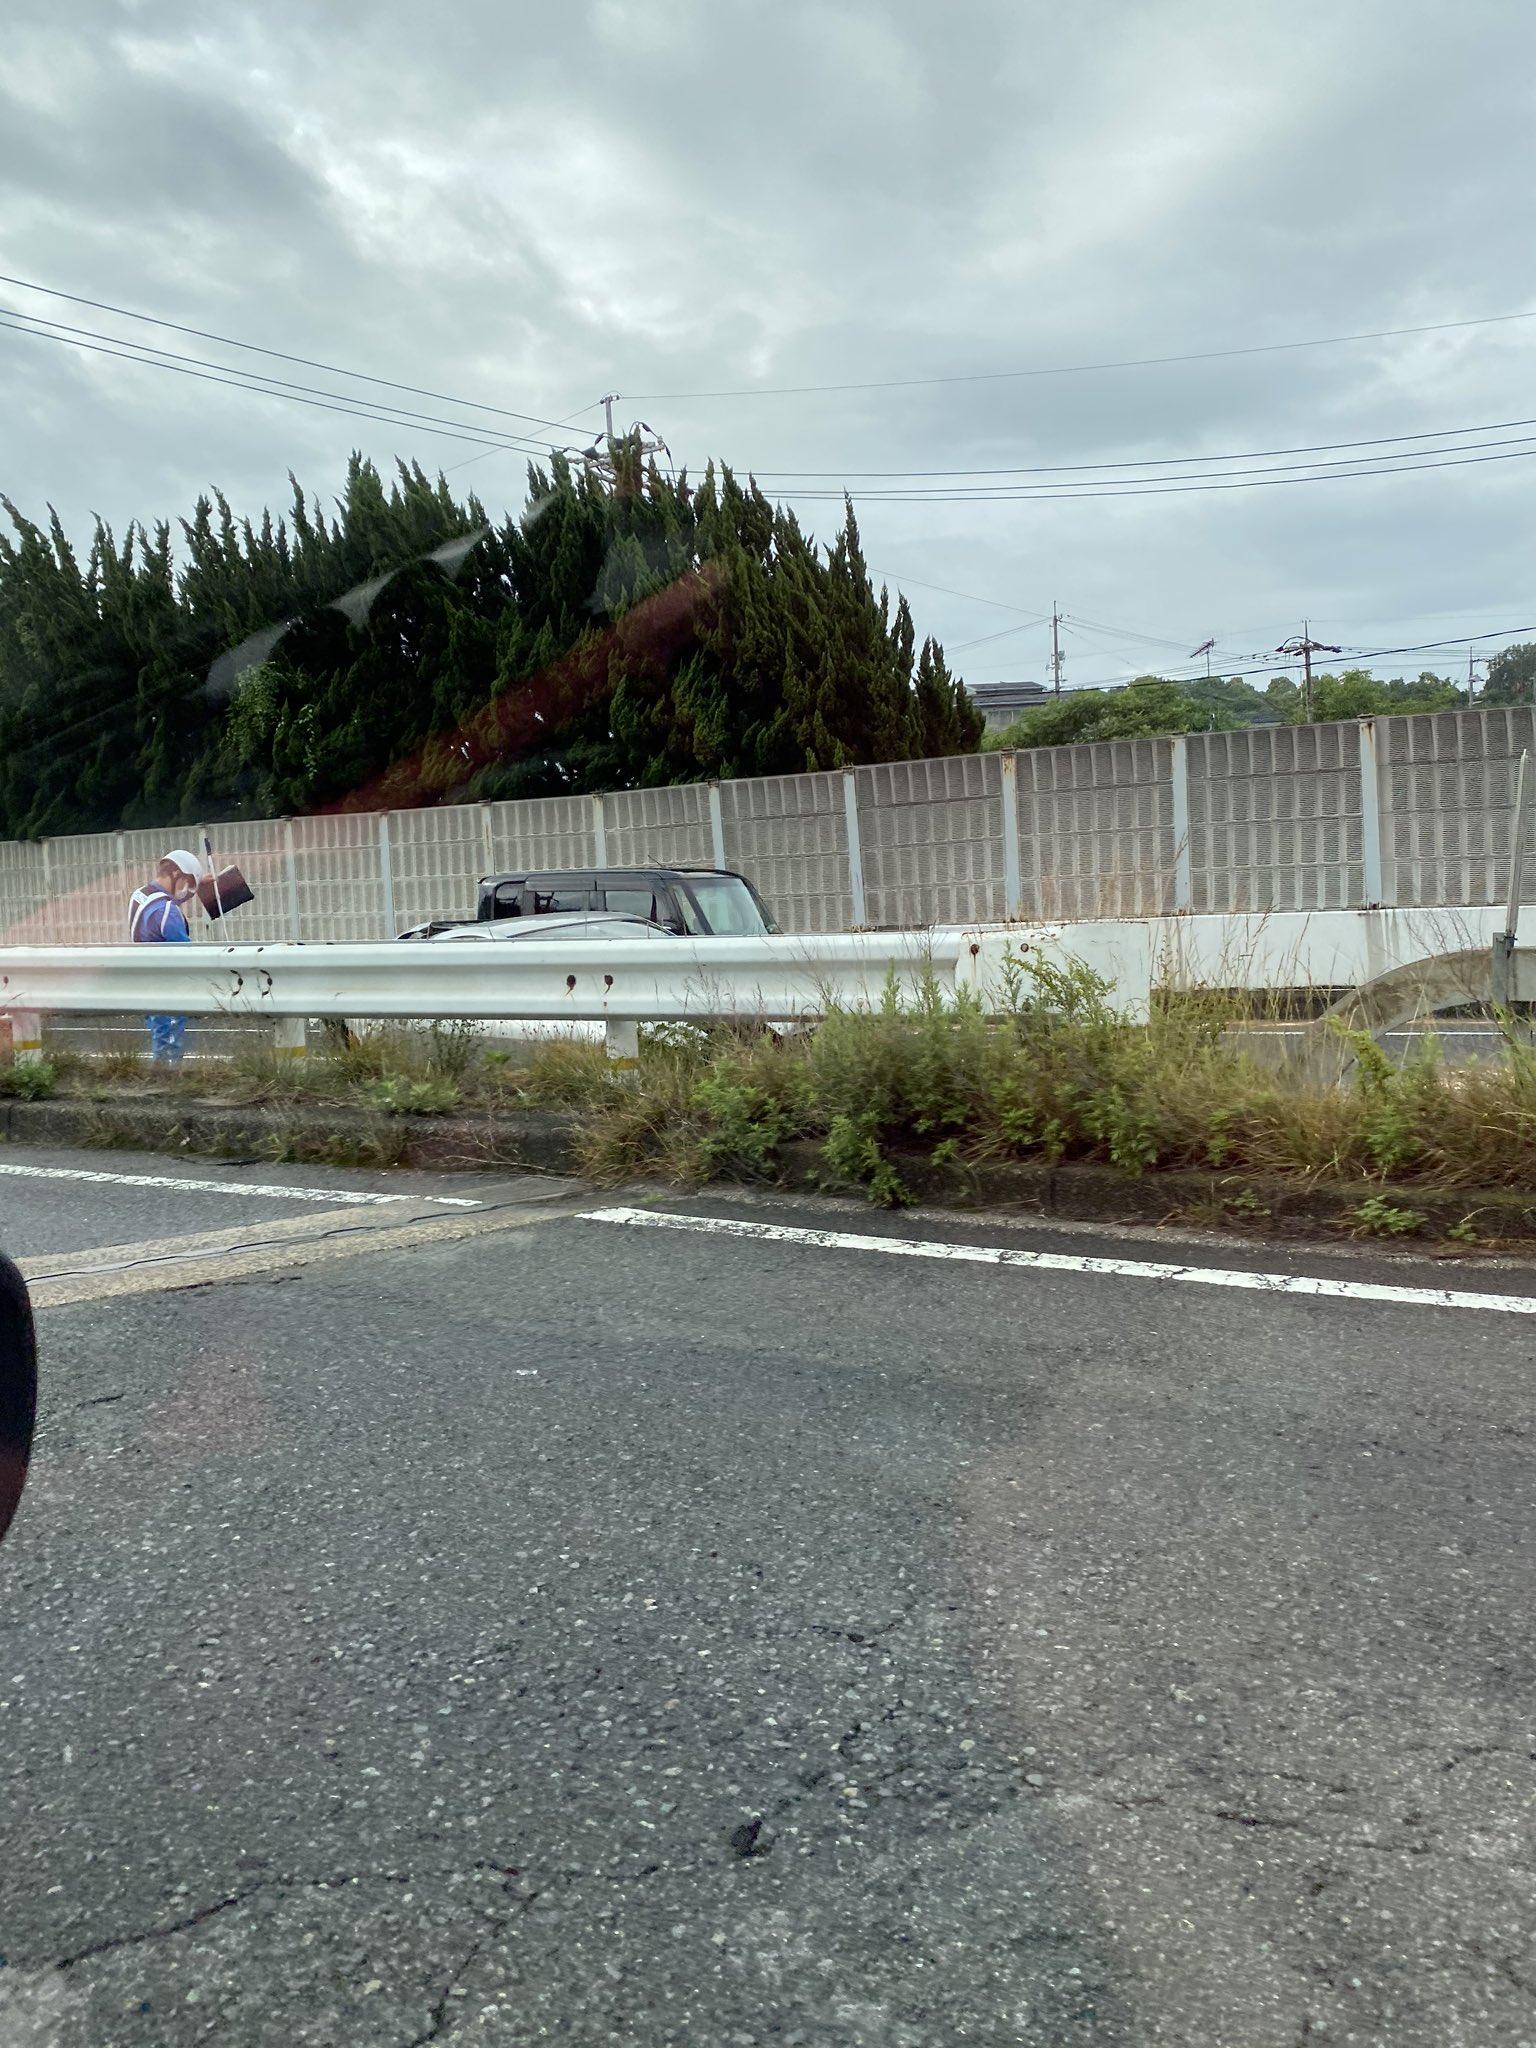 尾道バイパスの栗原~高須間で乗用車が衝突している事故現場の画像